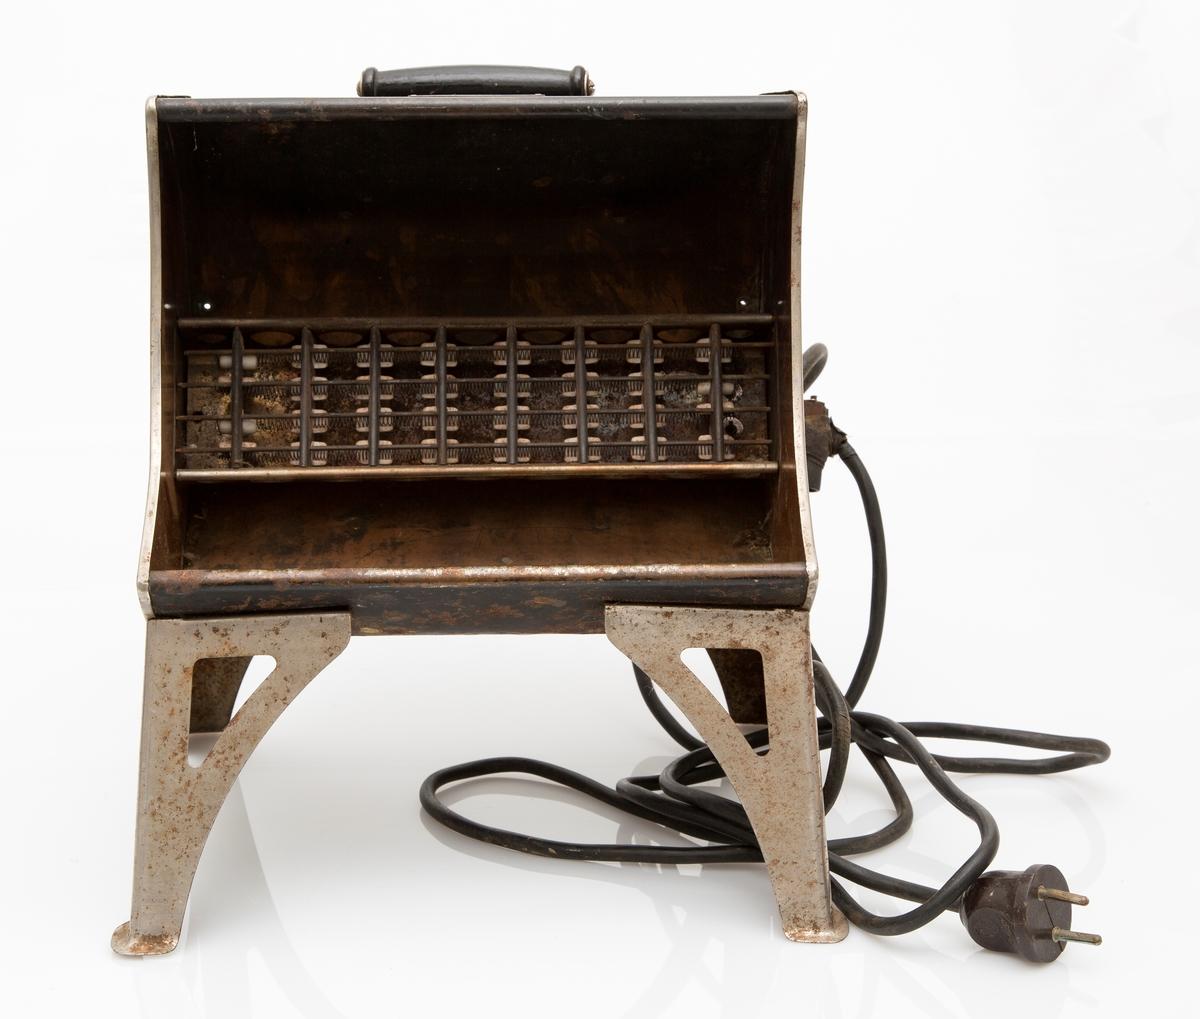 Elektrisk varmeovn, stråleovn i sort (forniklet) jern. Med løs kabel, støpsel i hver ende. 220 volt, 2,5 ampere. Håndtak øverst.